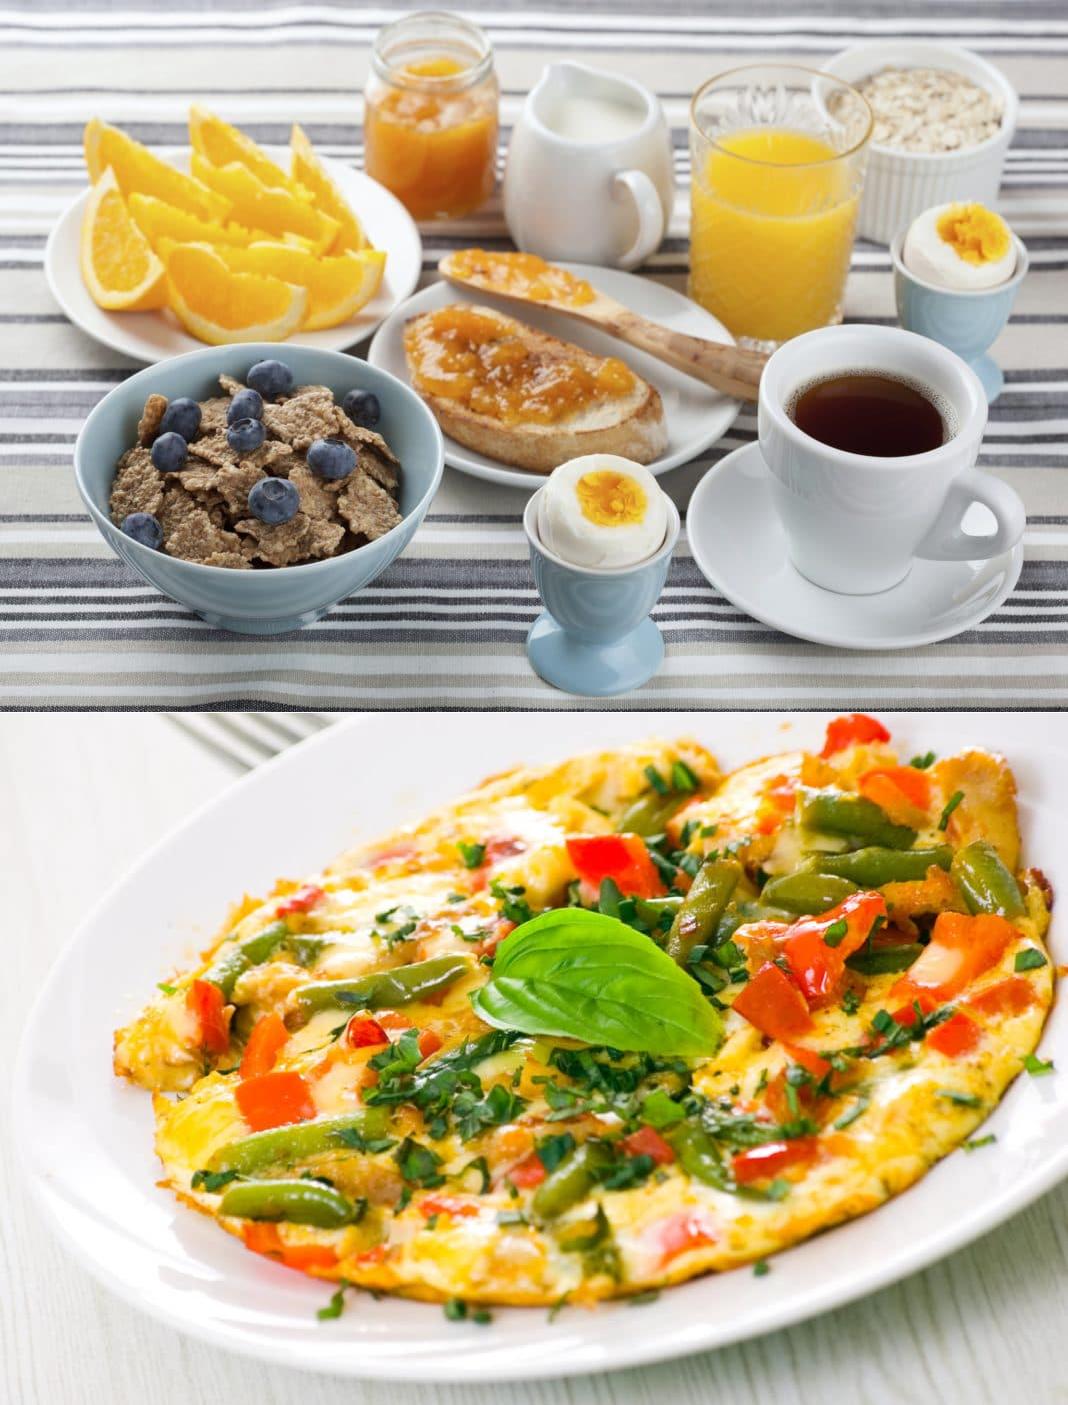 Вкусная Диета Для Диабетика. Рецепты блюд для диабетиков